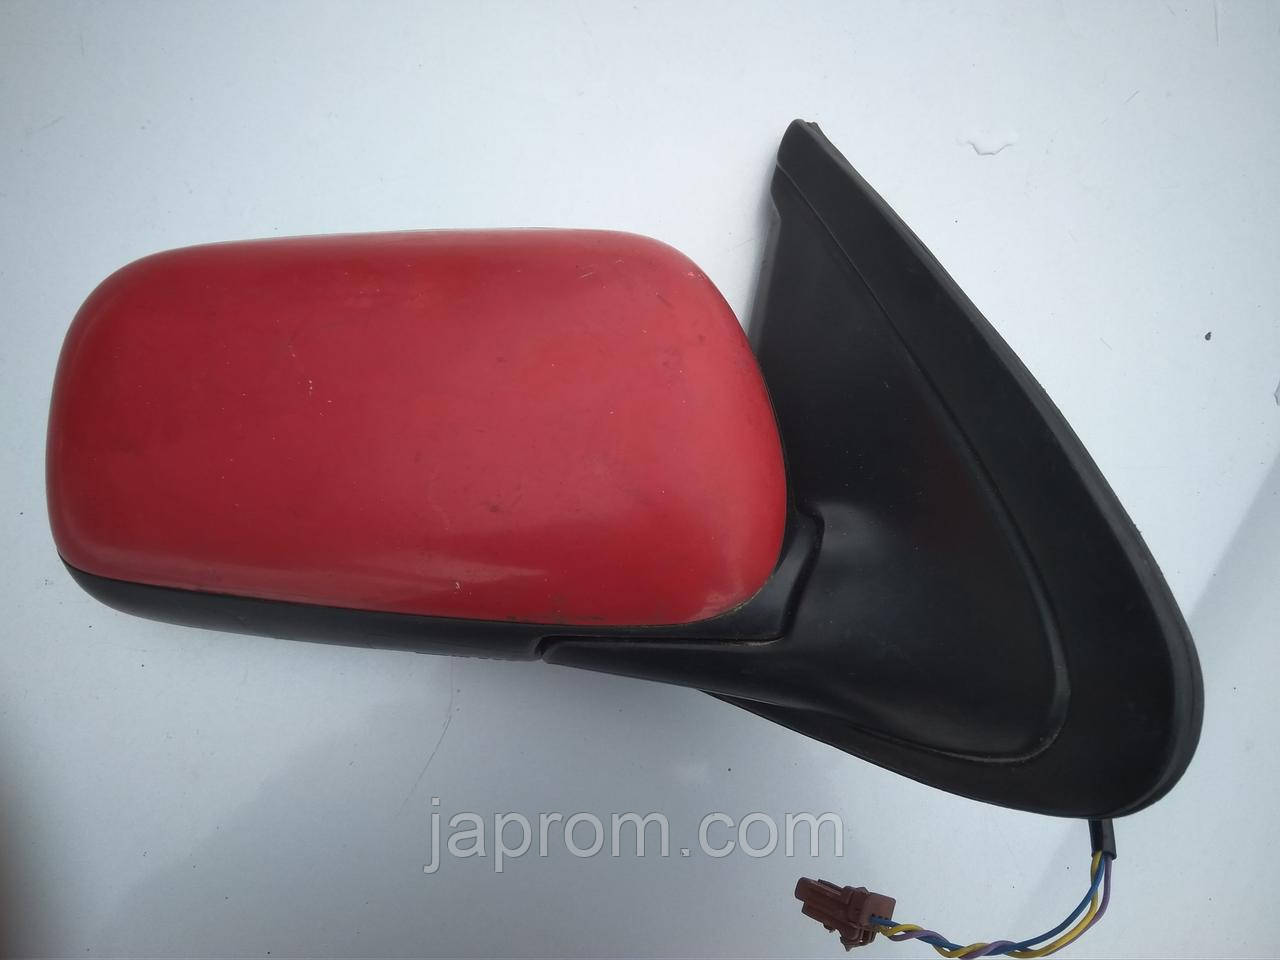 Зеркало заднего вида правое Nissan Almera N15 3 двери Красное